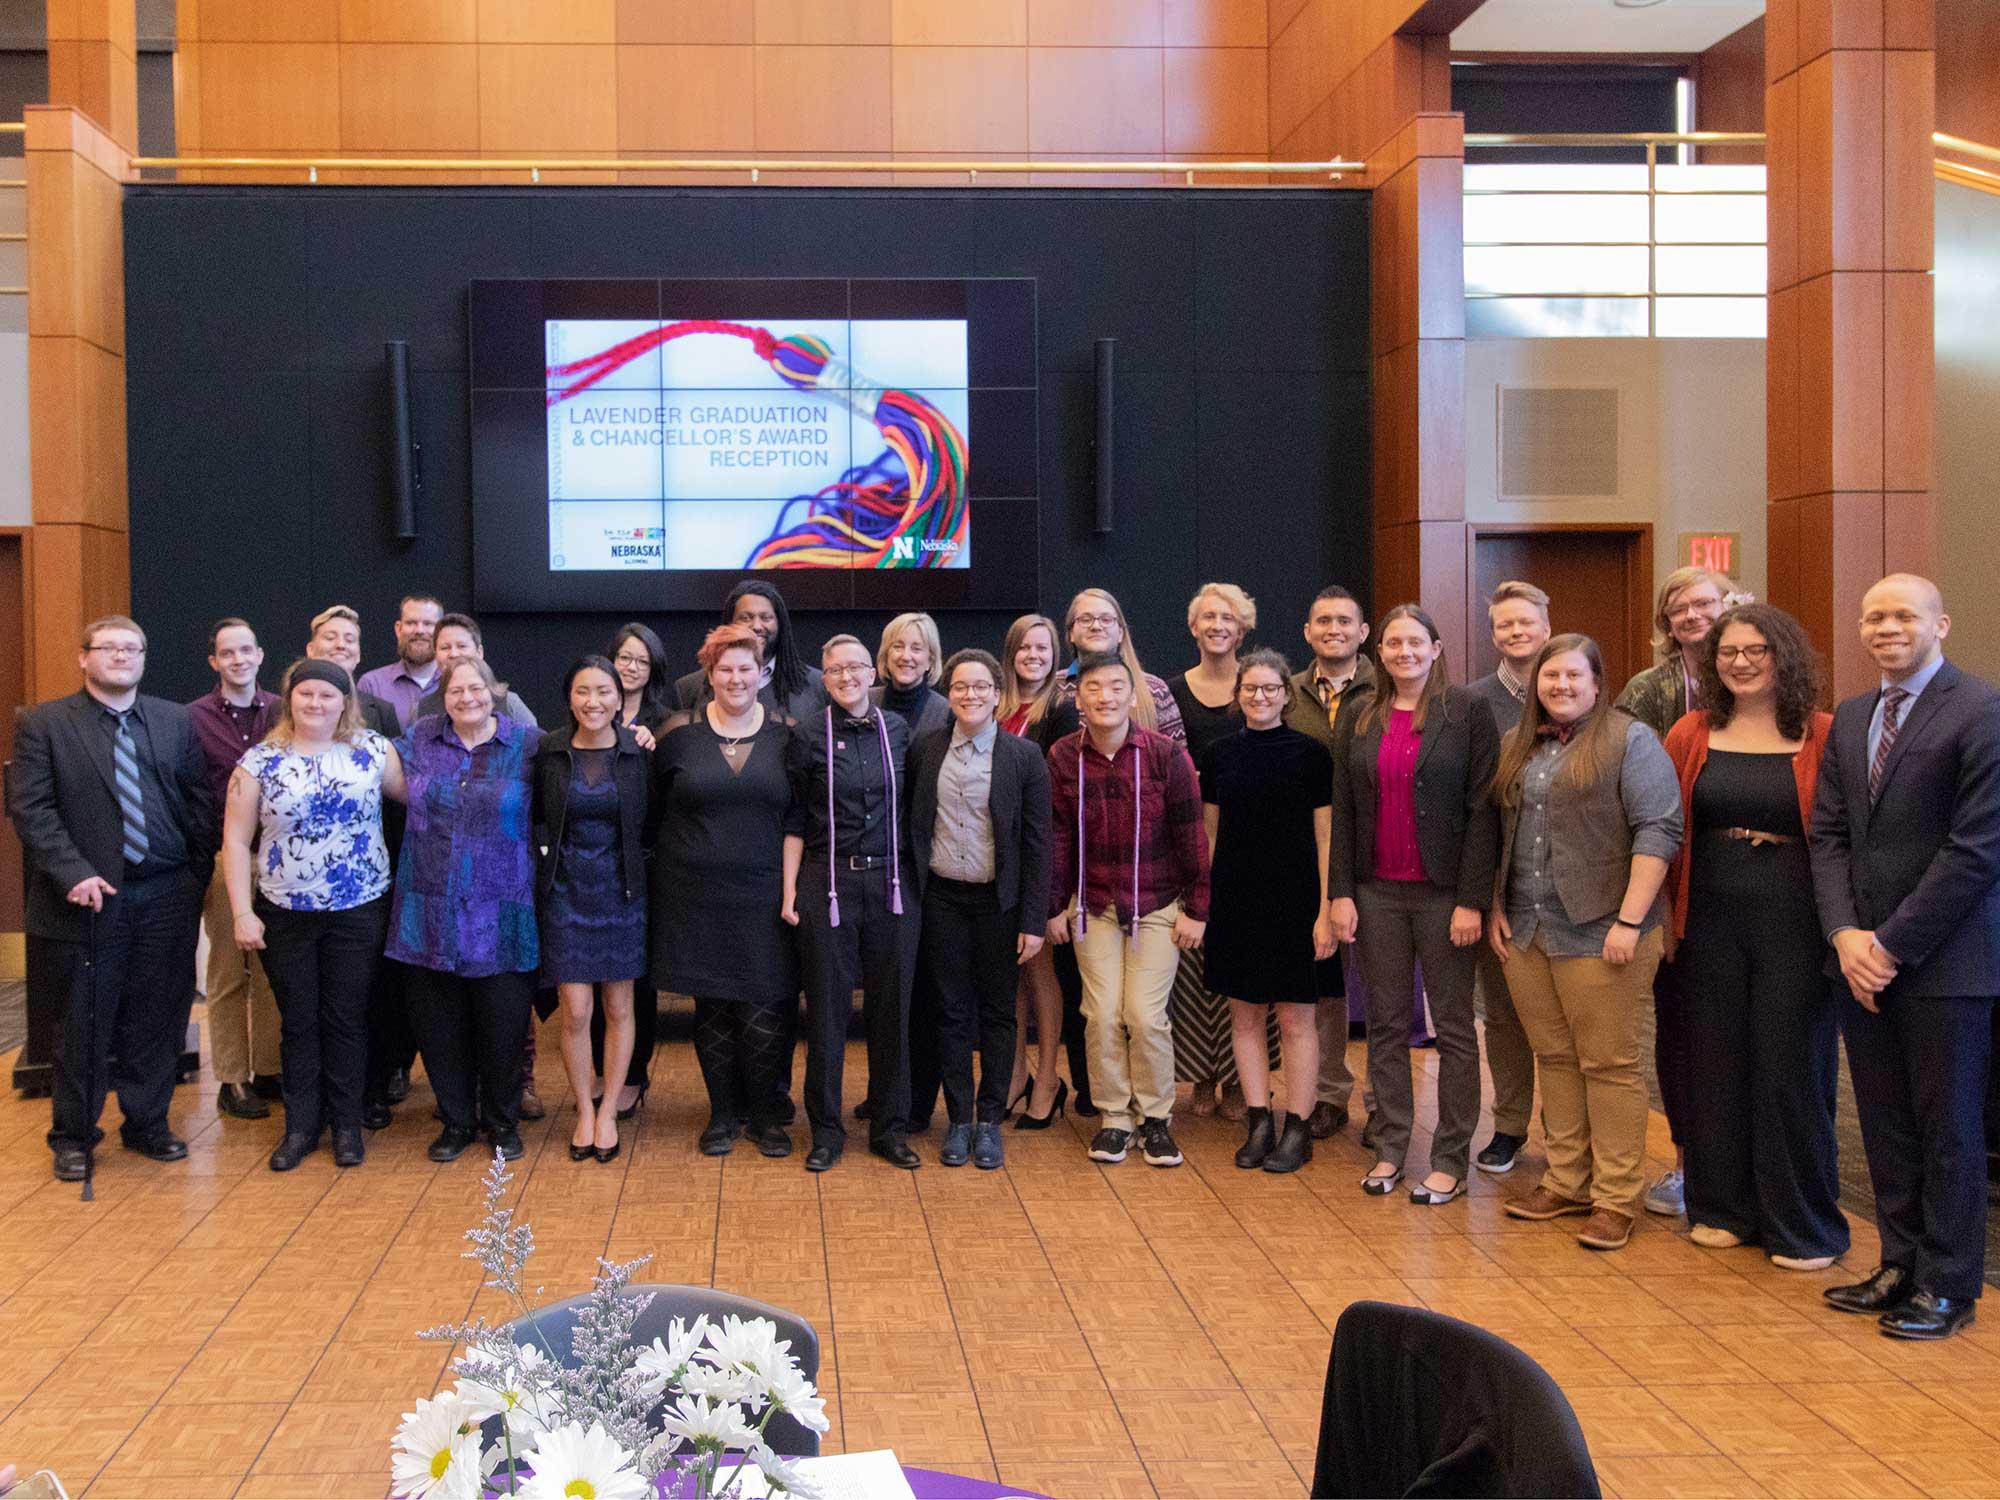 Participants in the 2018 Lavender Graduation